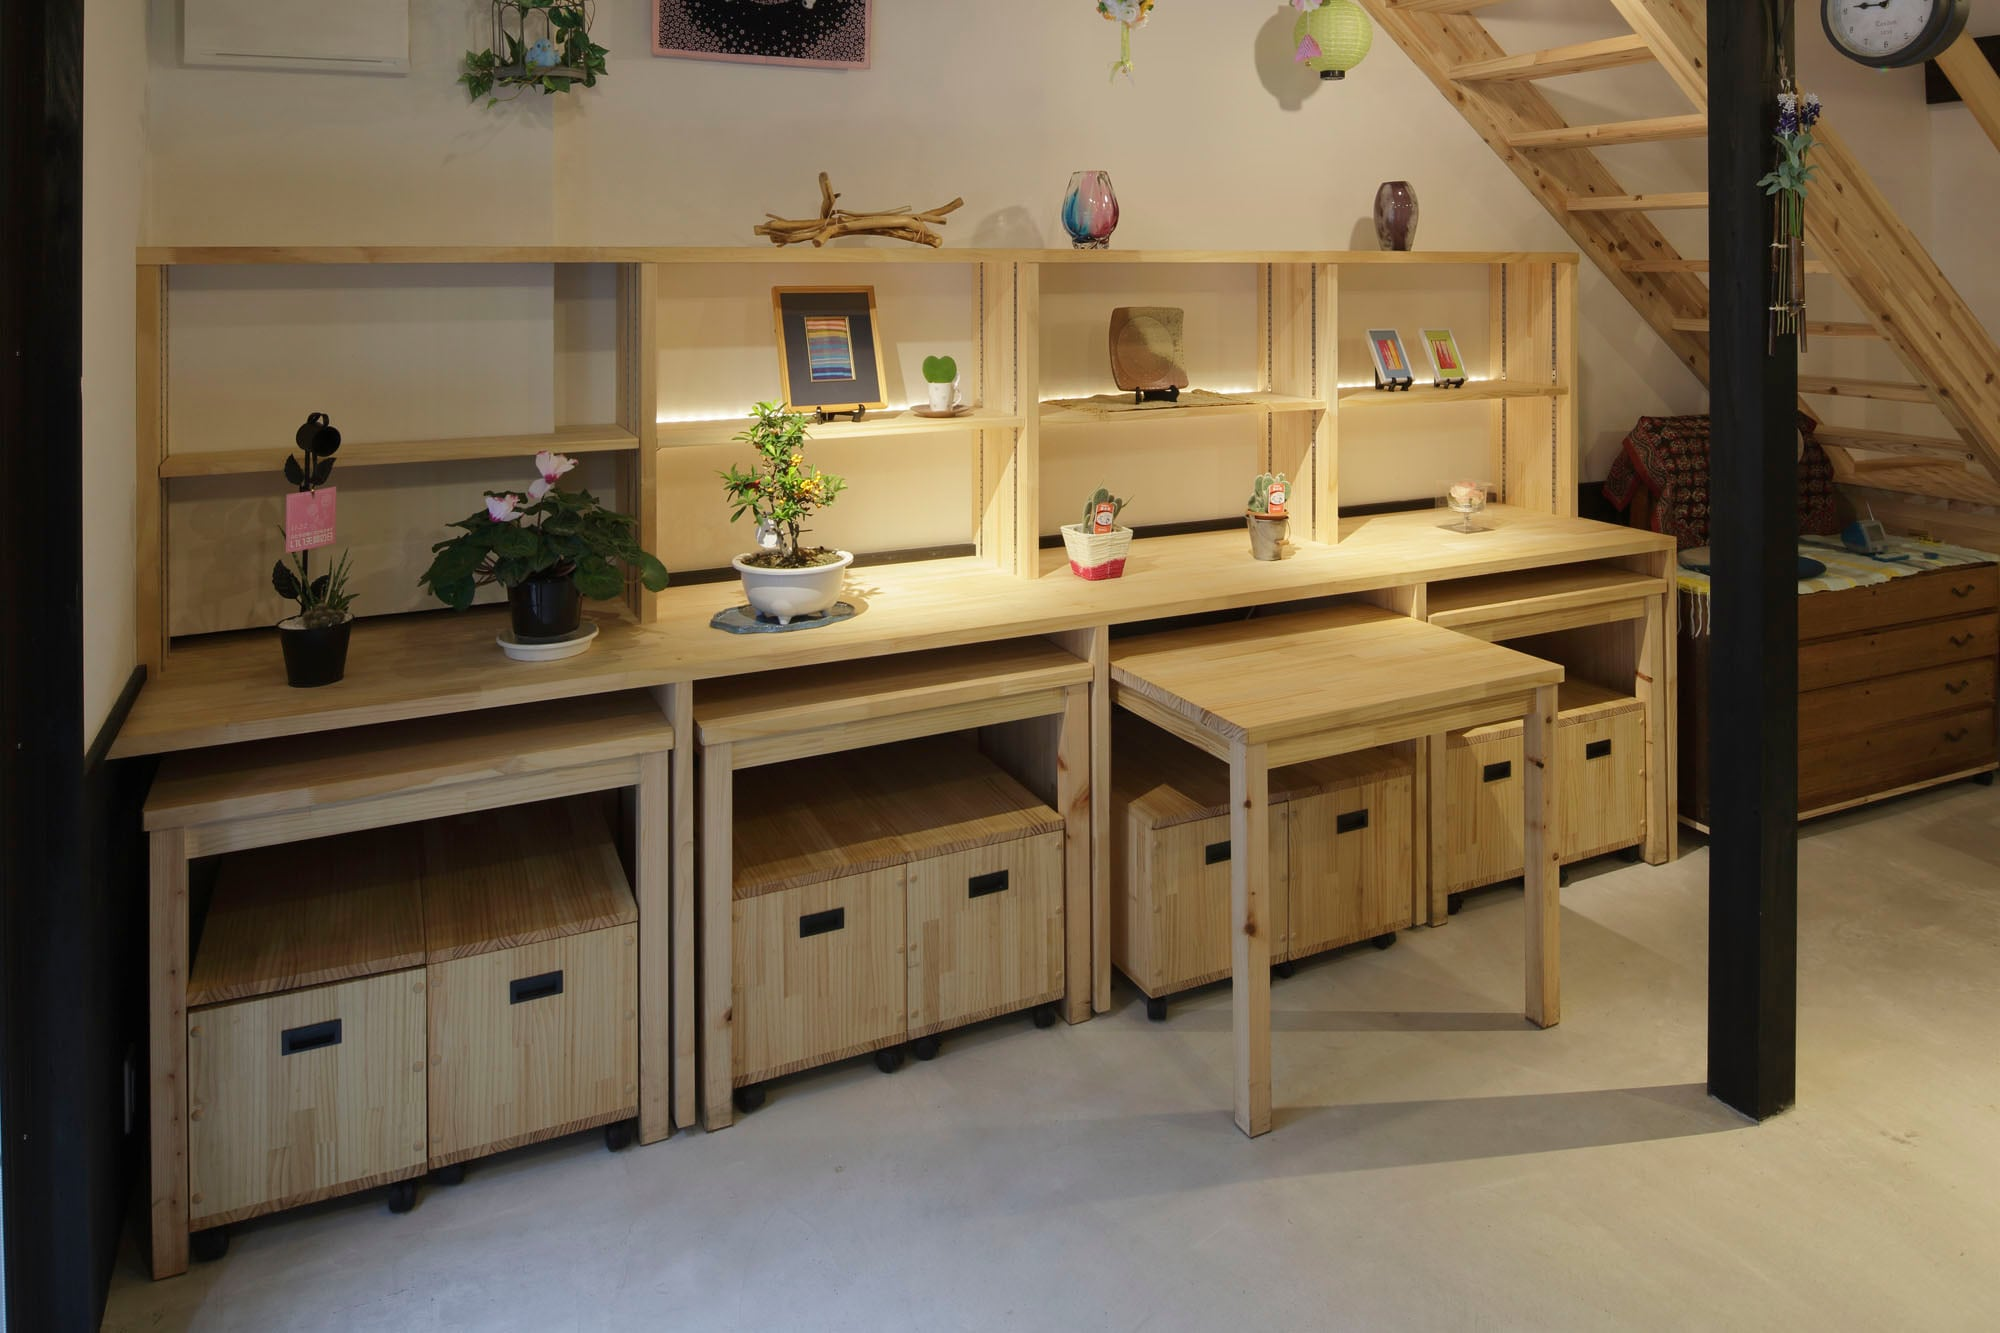 集会室の机と椅子が収納できる飾り棚。の写真